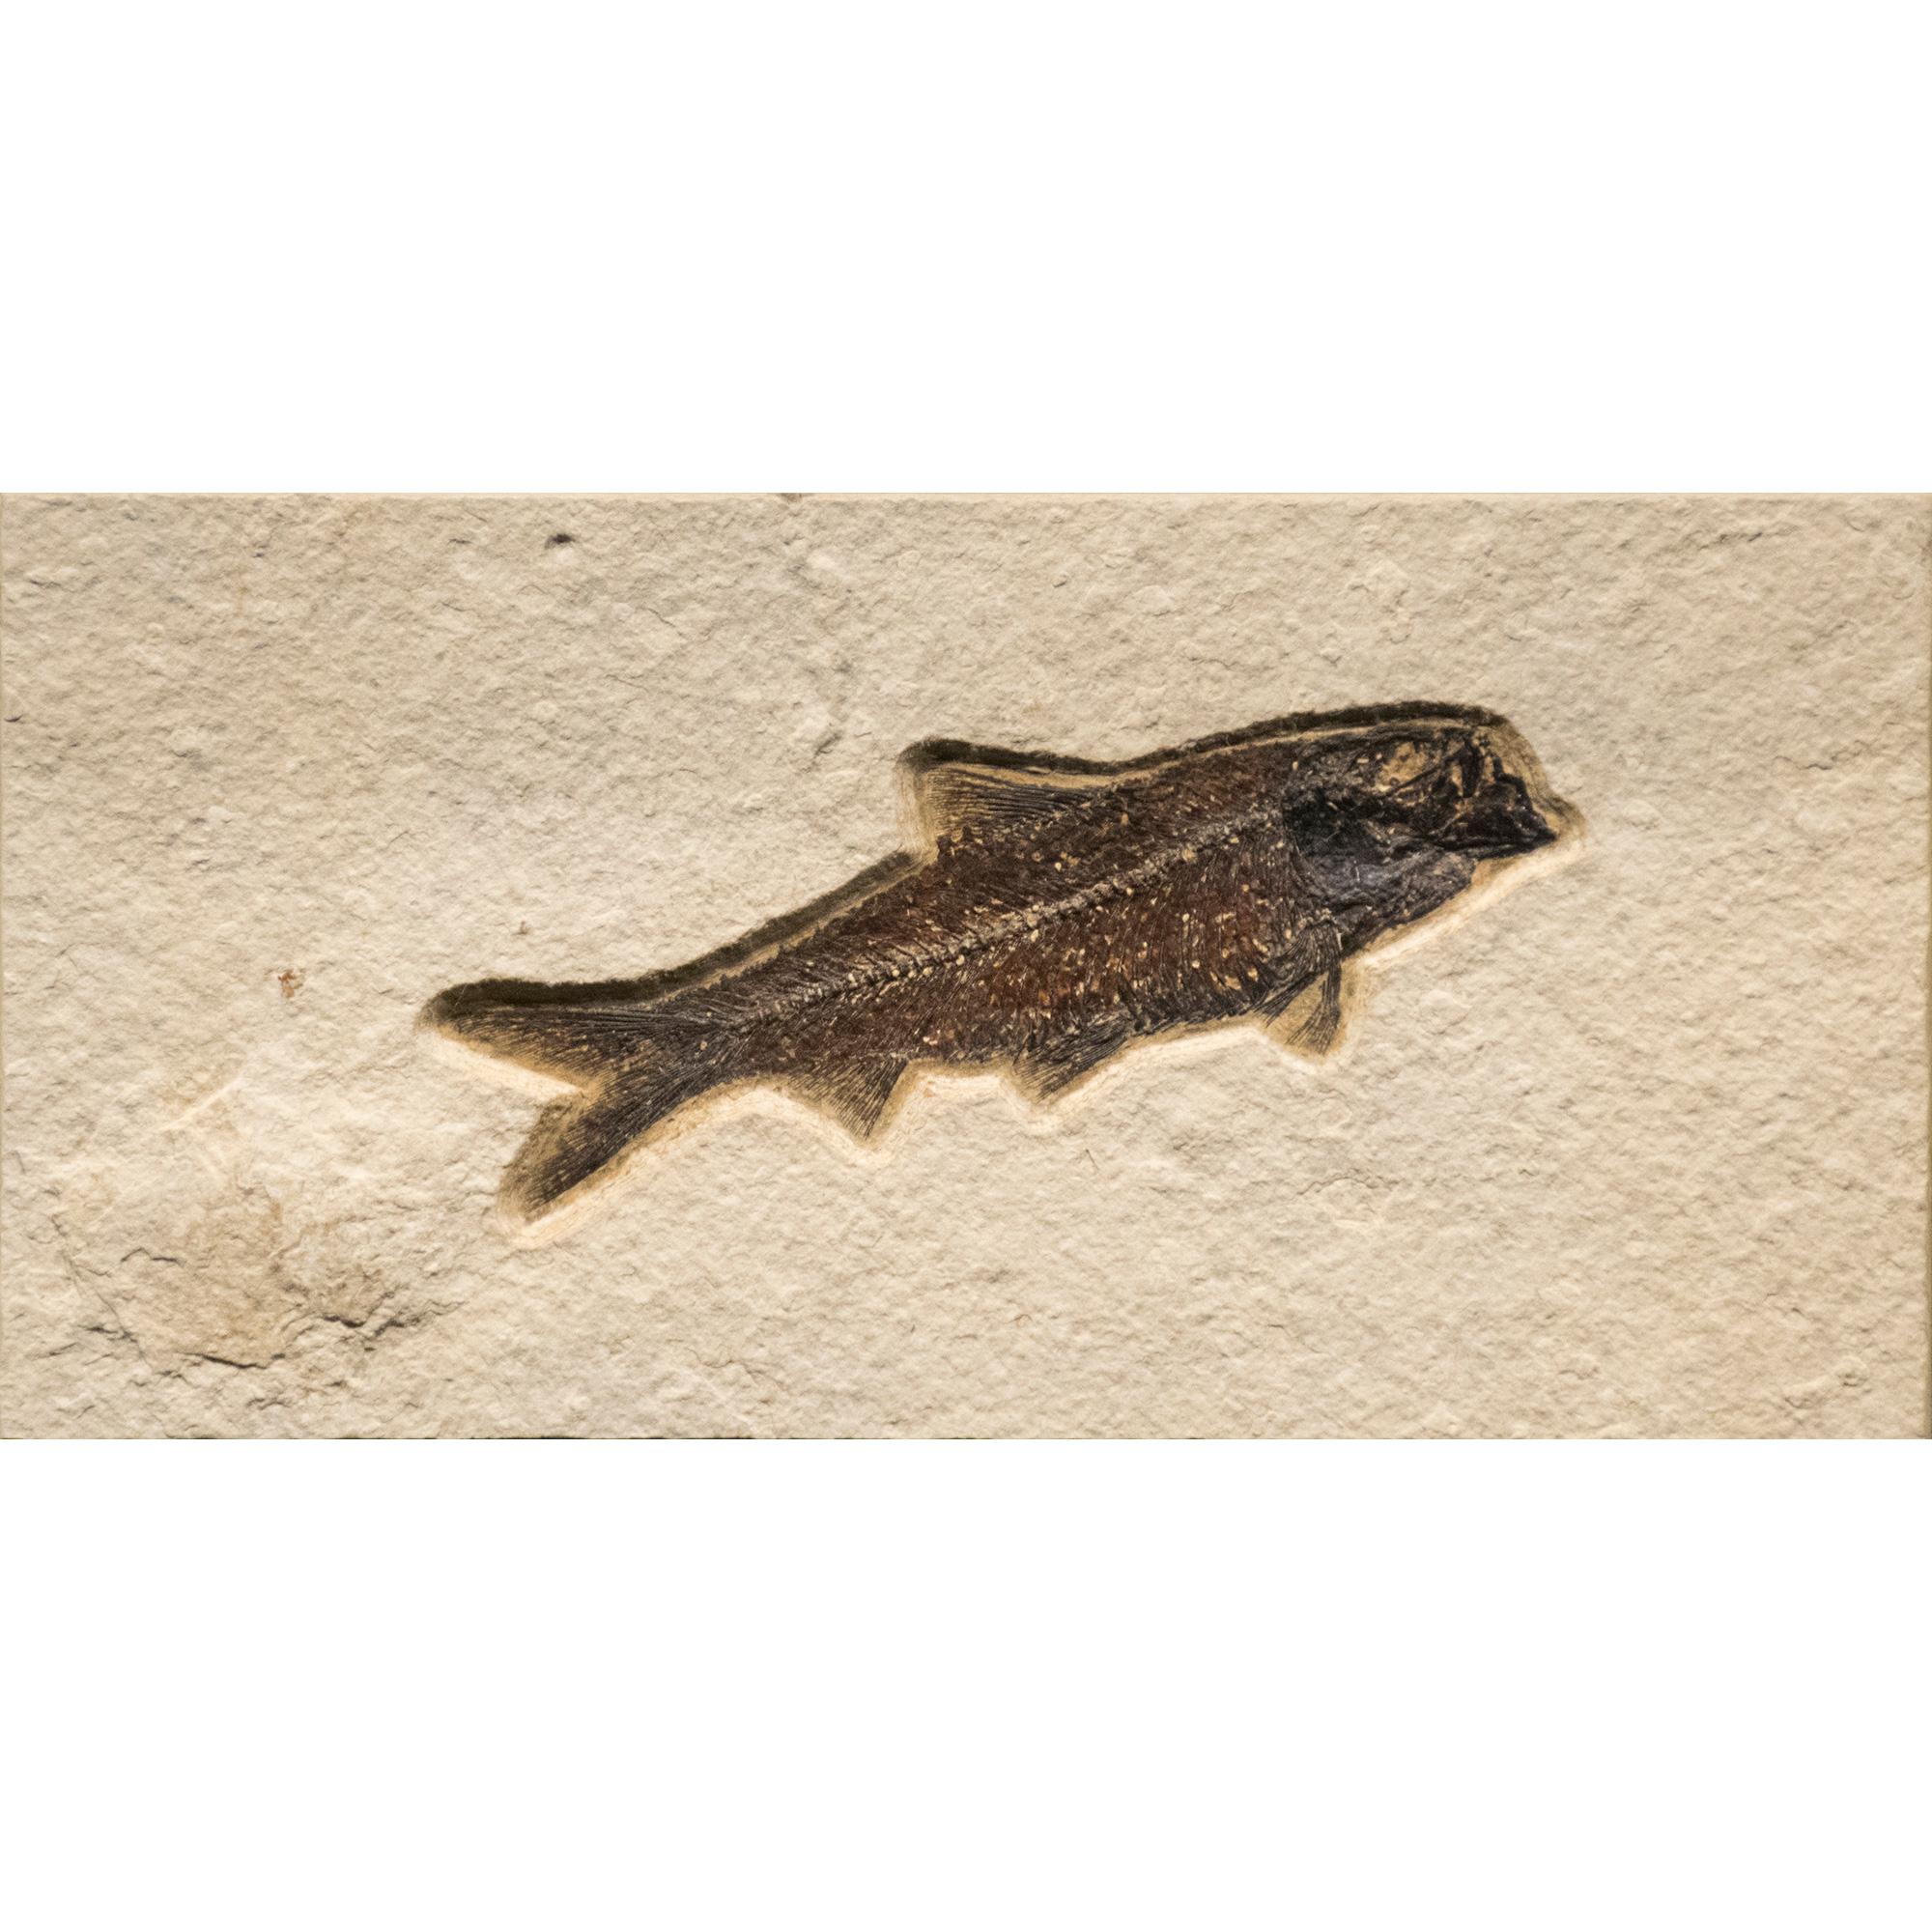 Fossil Tile (Natural) KR48_N210